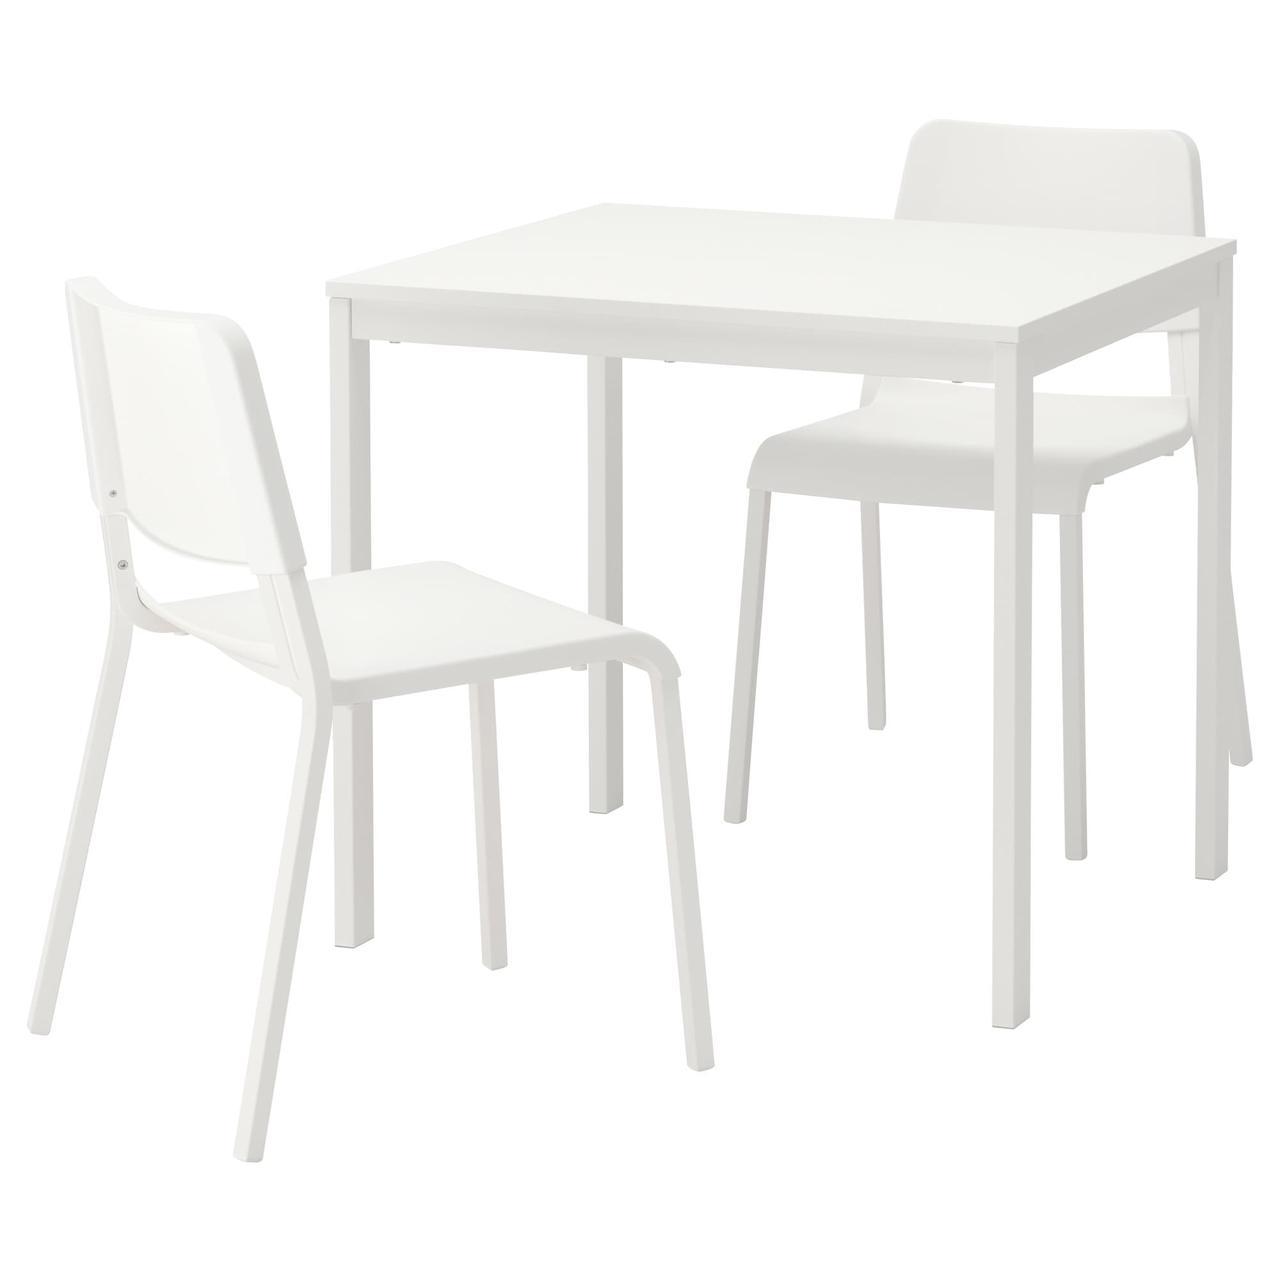 ВАНГСТА / ТЕОДОРЕС Стол и 2 стула, белый, белый